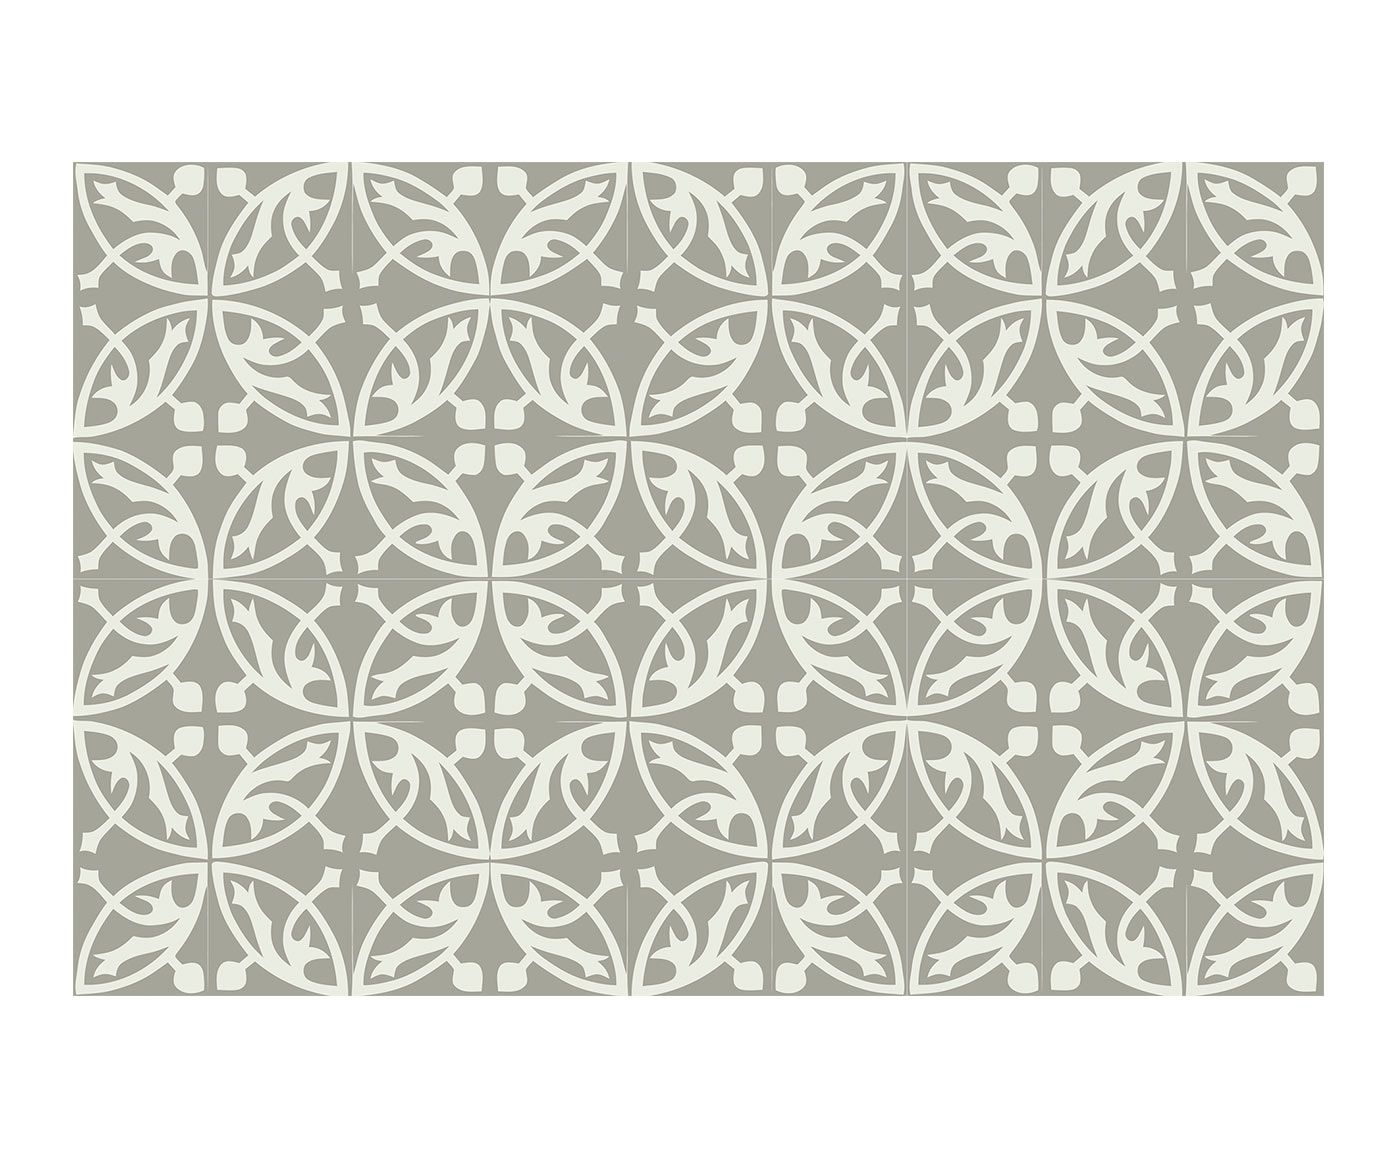 Alfombra Vin Lica Mosaico C Rculos 50x120 Cm Westwing